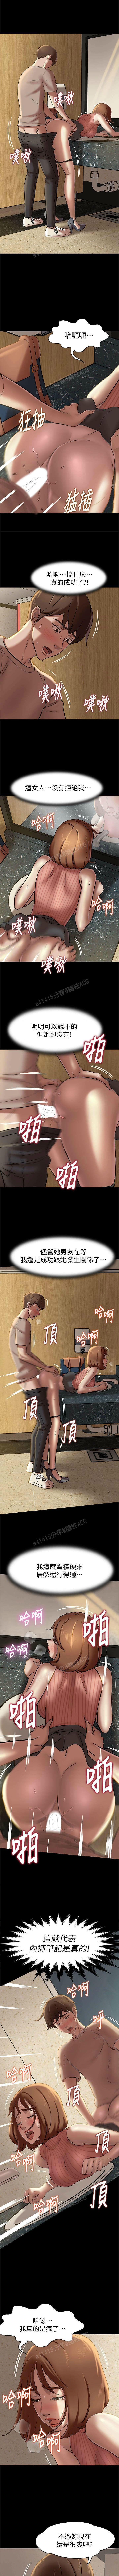 panty note 小褲褲筆記 小裤裤笔记 01-35 连载中 中文 重新排序 Reorder 105